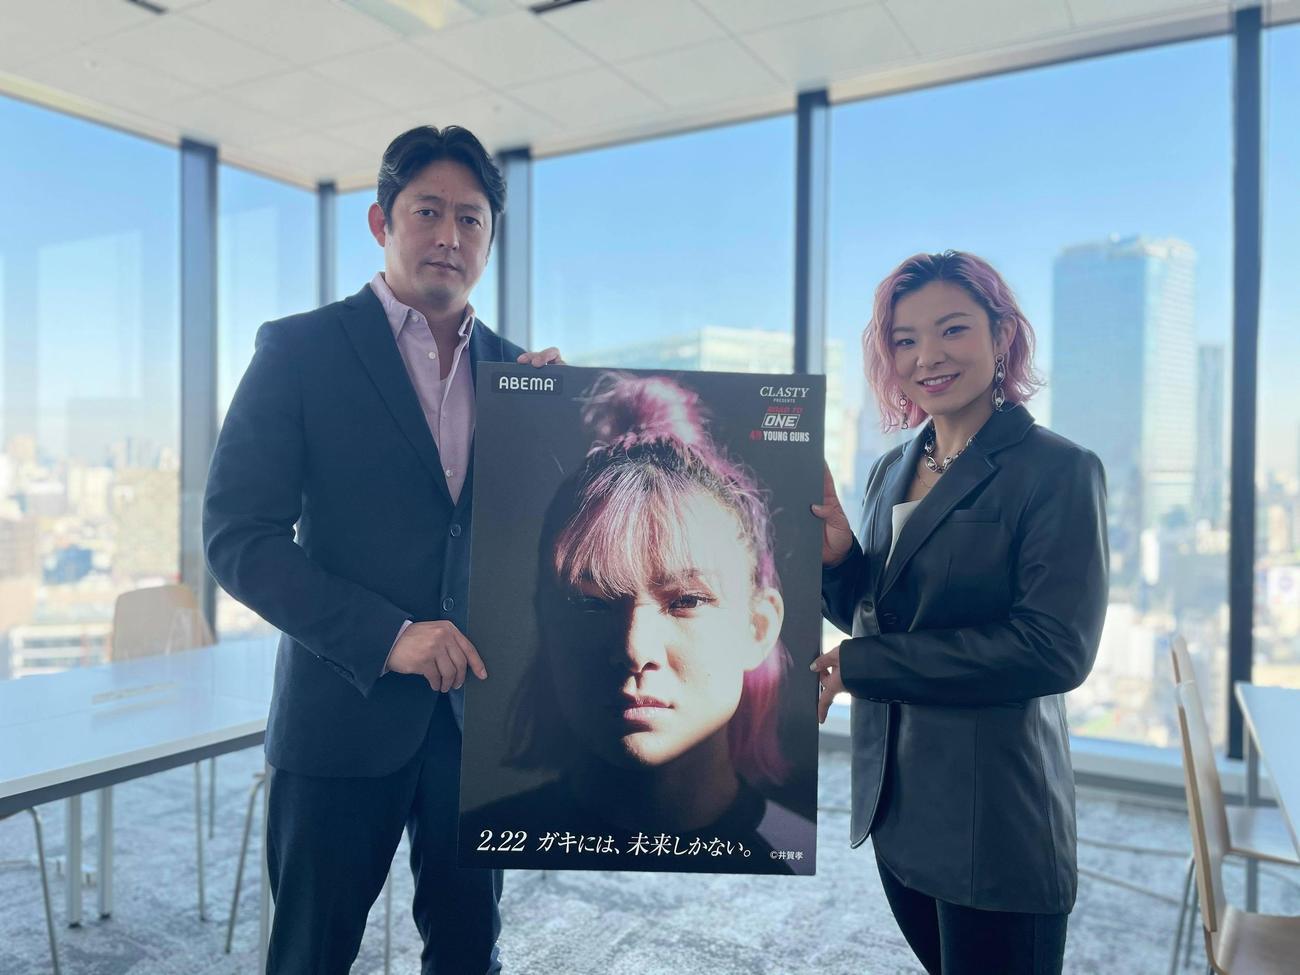 オンライン会見に臨んだONEジャパンの泰社長(左)と平田樹(C) ONE Championship